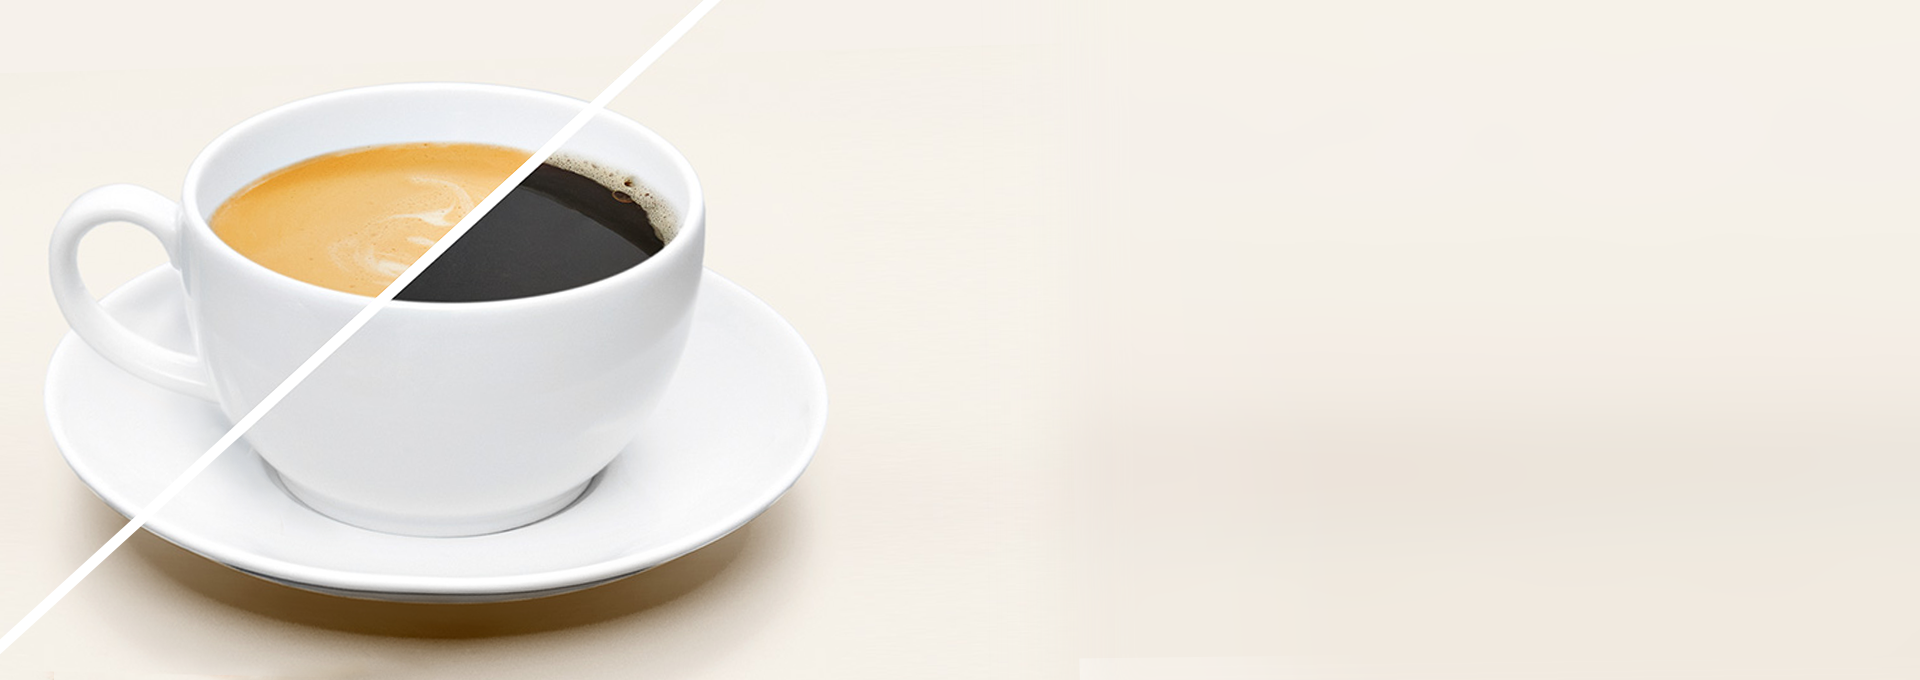 Gefiltertes Wasser macht Kaffee noch aromatischer